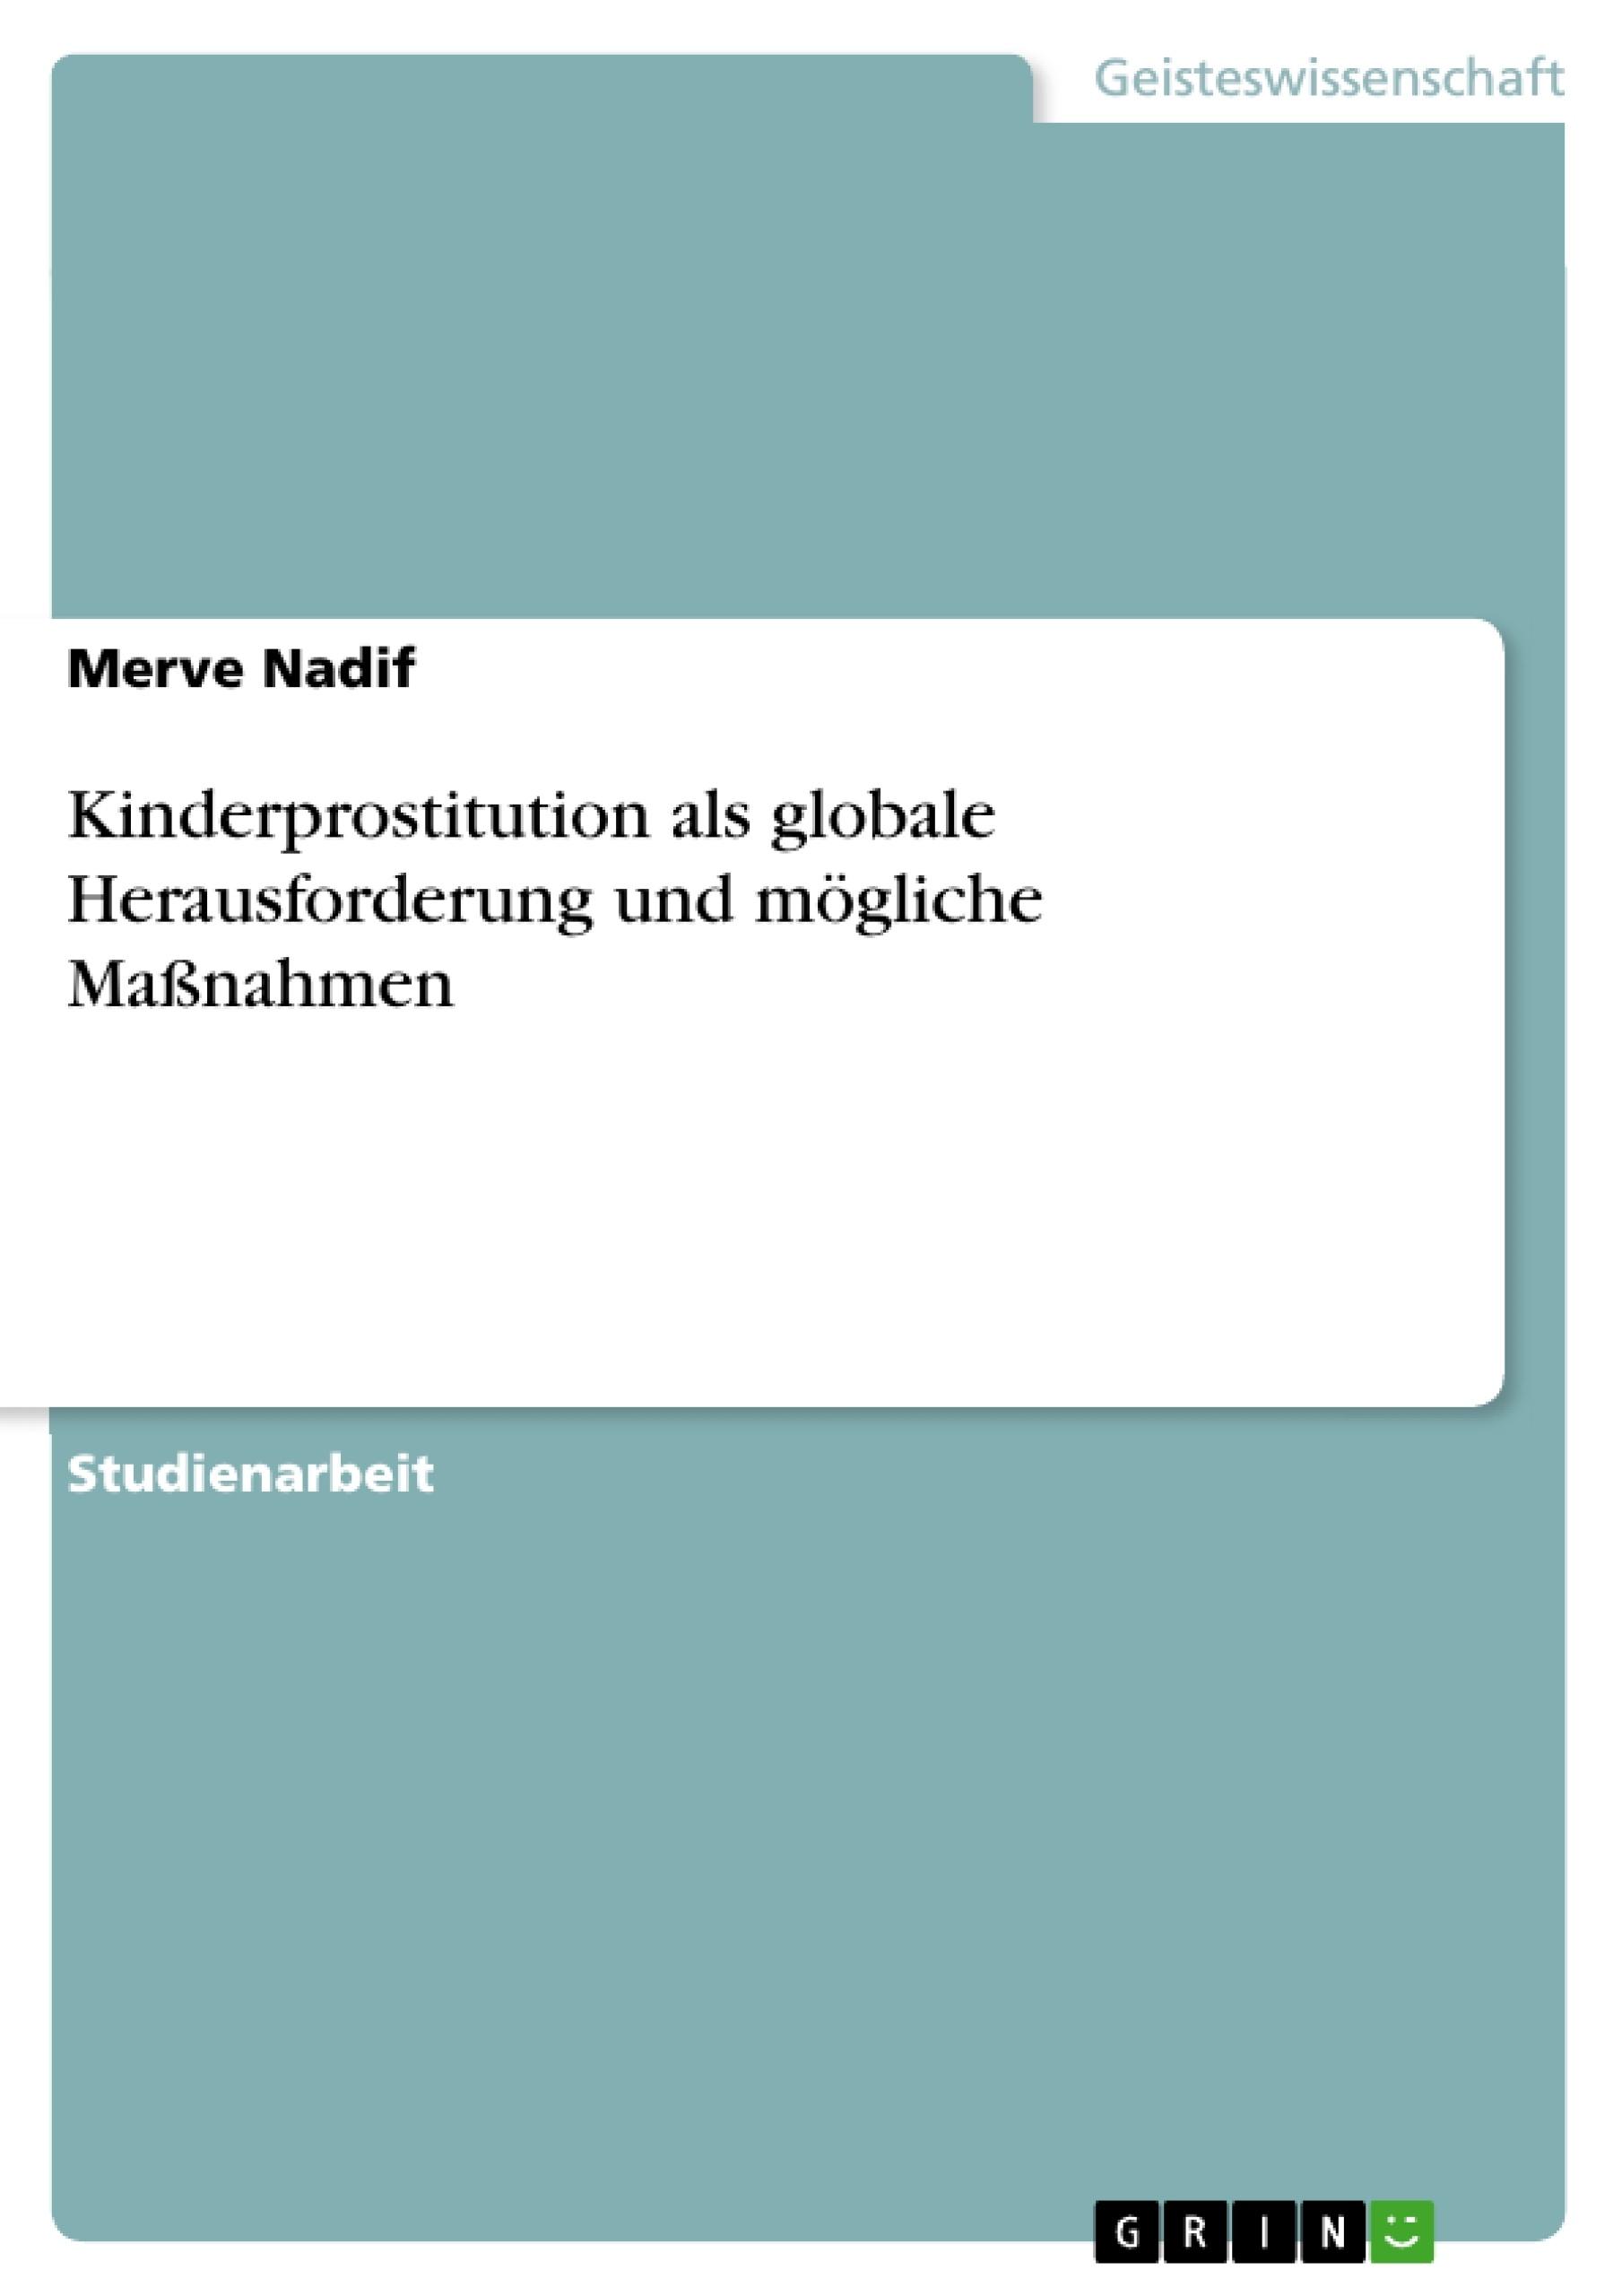 Titel: Kinderprostitution als globale Herausforderung und mögliche Maßnahmen